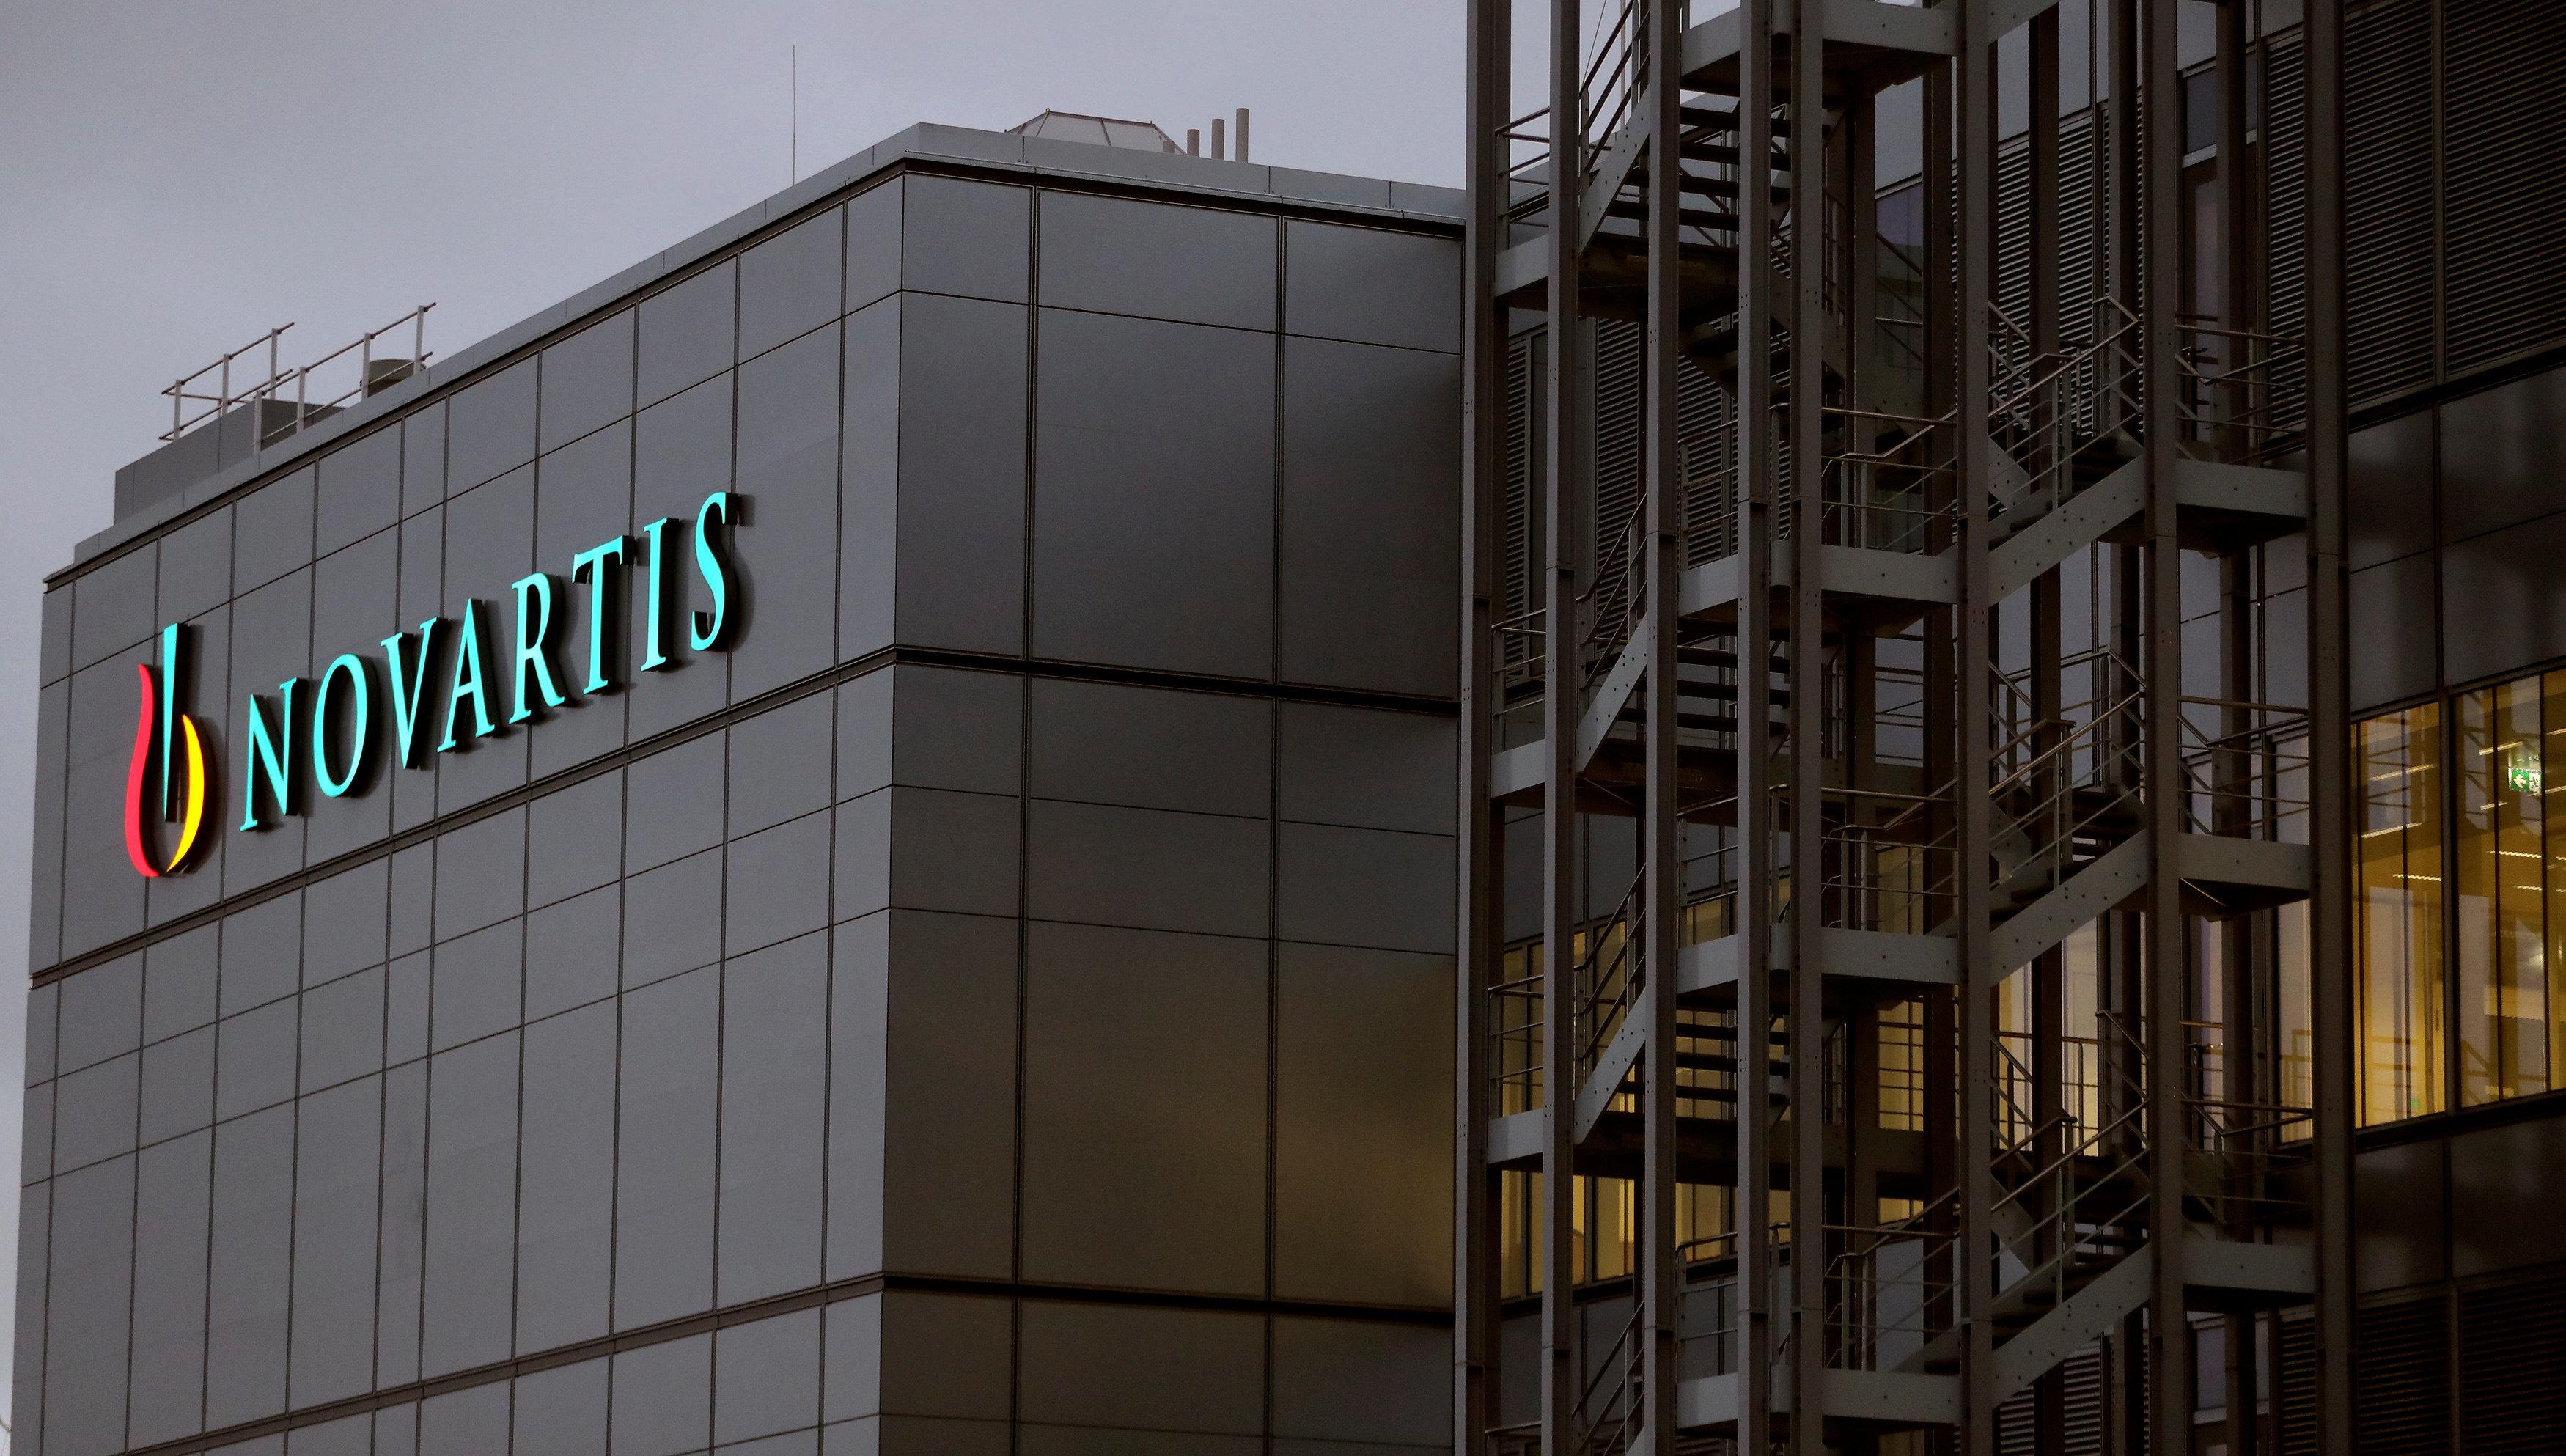 Έρευνα του Αθηναϊκού Πρακτορείου για τη Novartis: Δύο φάρμακα αποκαλύπτουν τη δράση των φαρμακοβιομηχανικού λόμπι και τις σχέ...